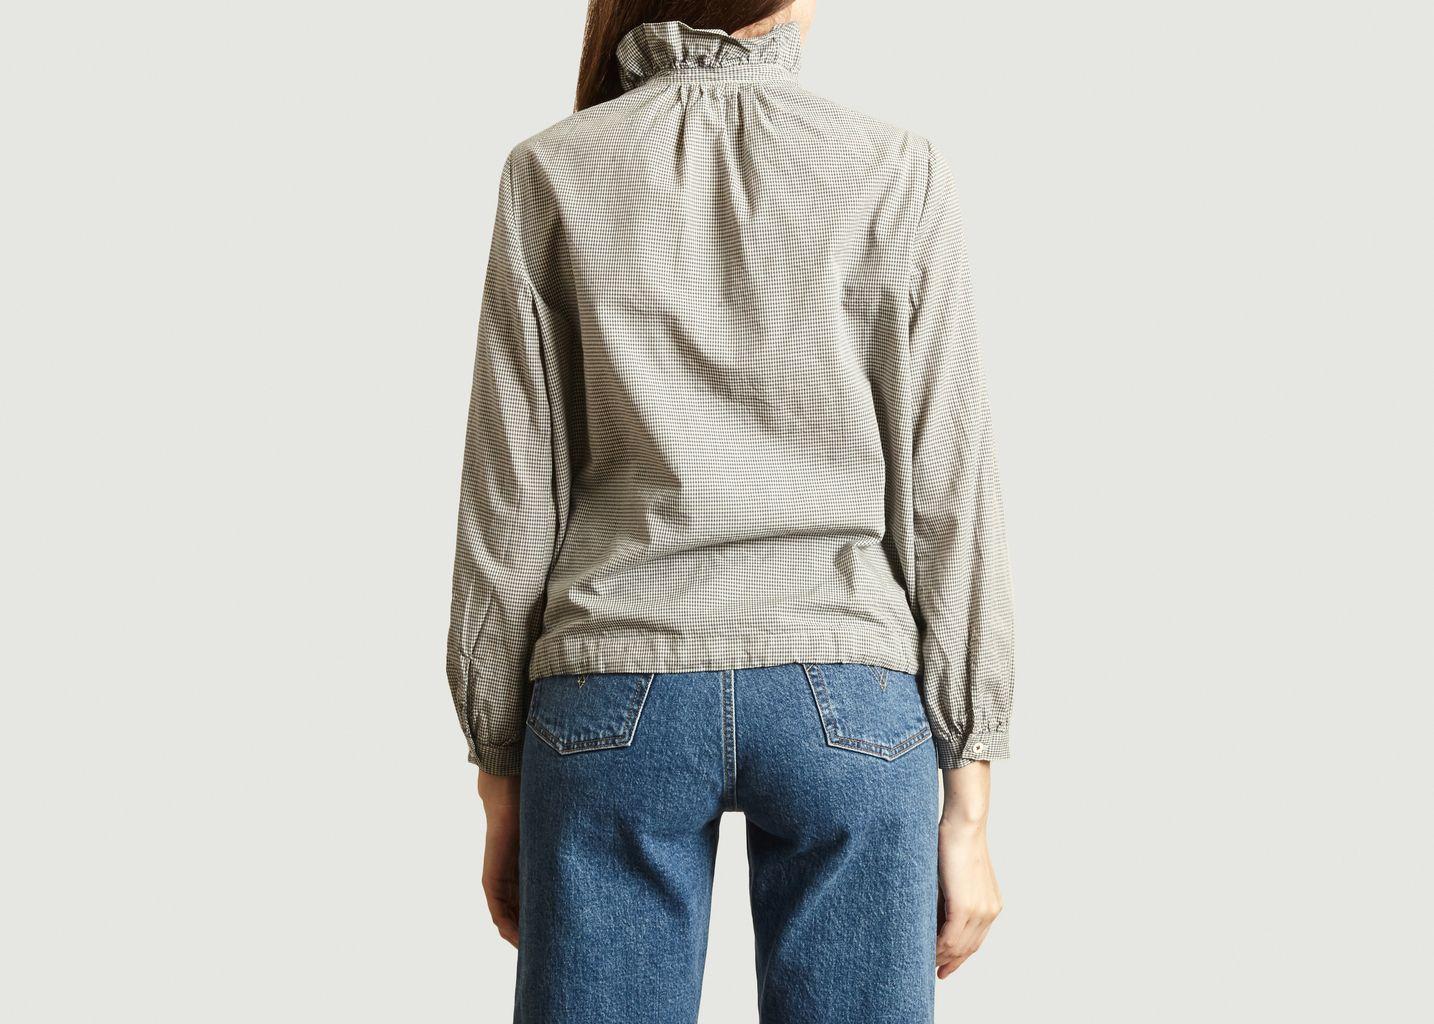 Chemise à carreaux Safran - Bellerose